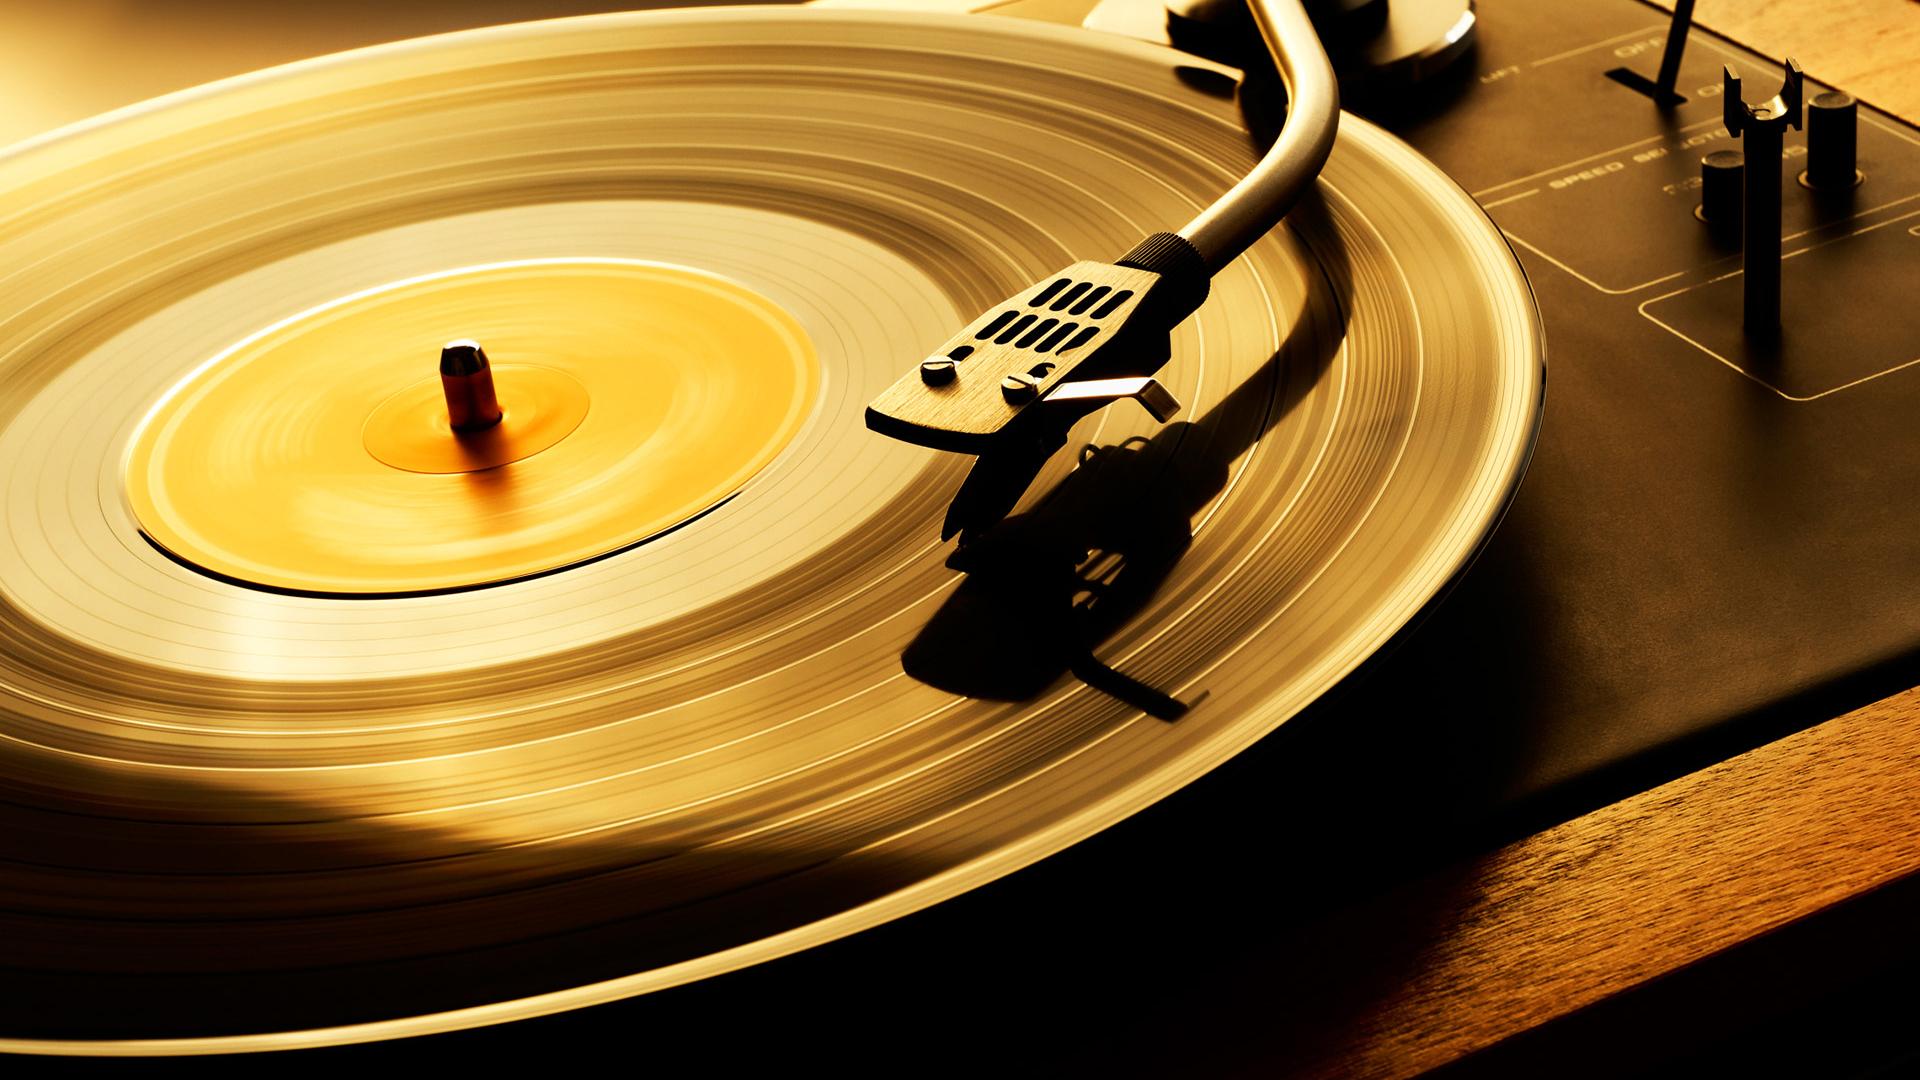 Vinyl Records Wallpapers Wallpaper Cave